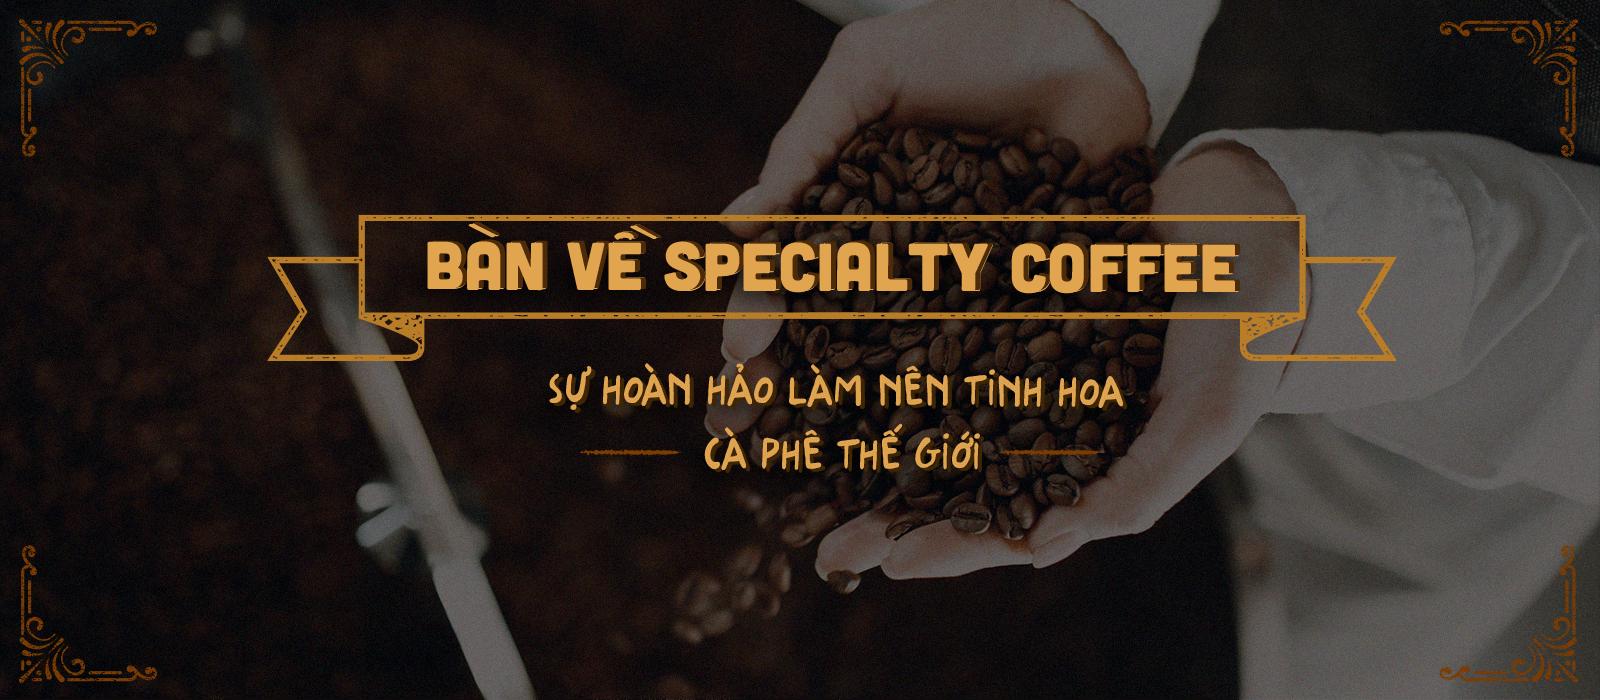 Bàn về Specialty Coffee – Sự hoàn hảo làm nên tinh hoa cà phê thế giới